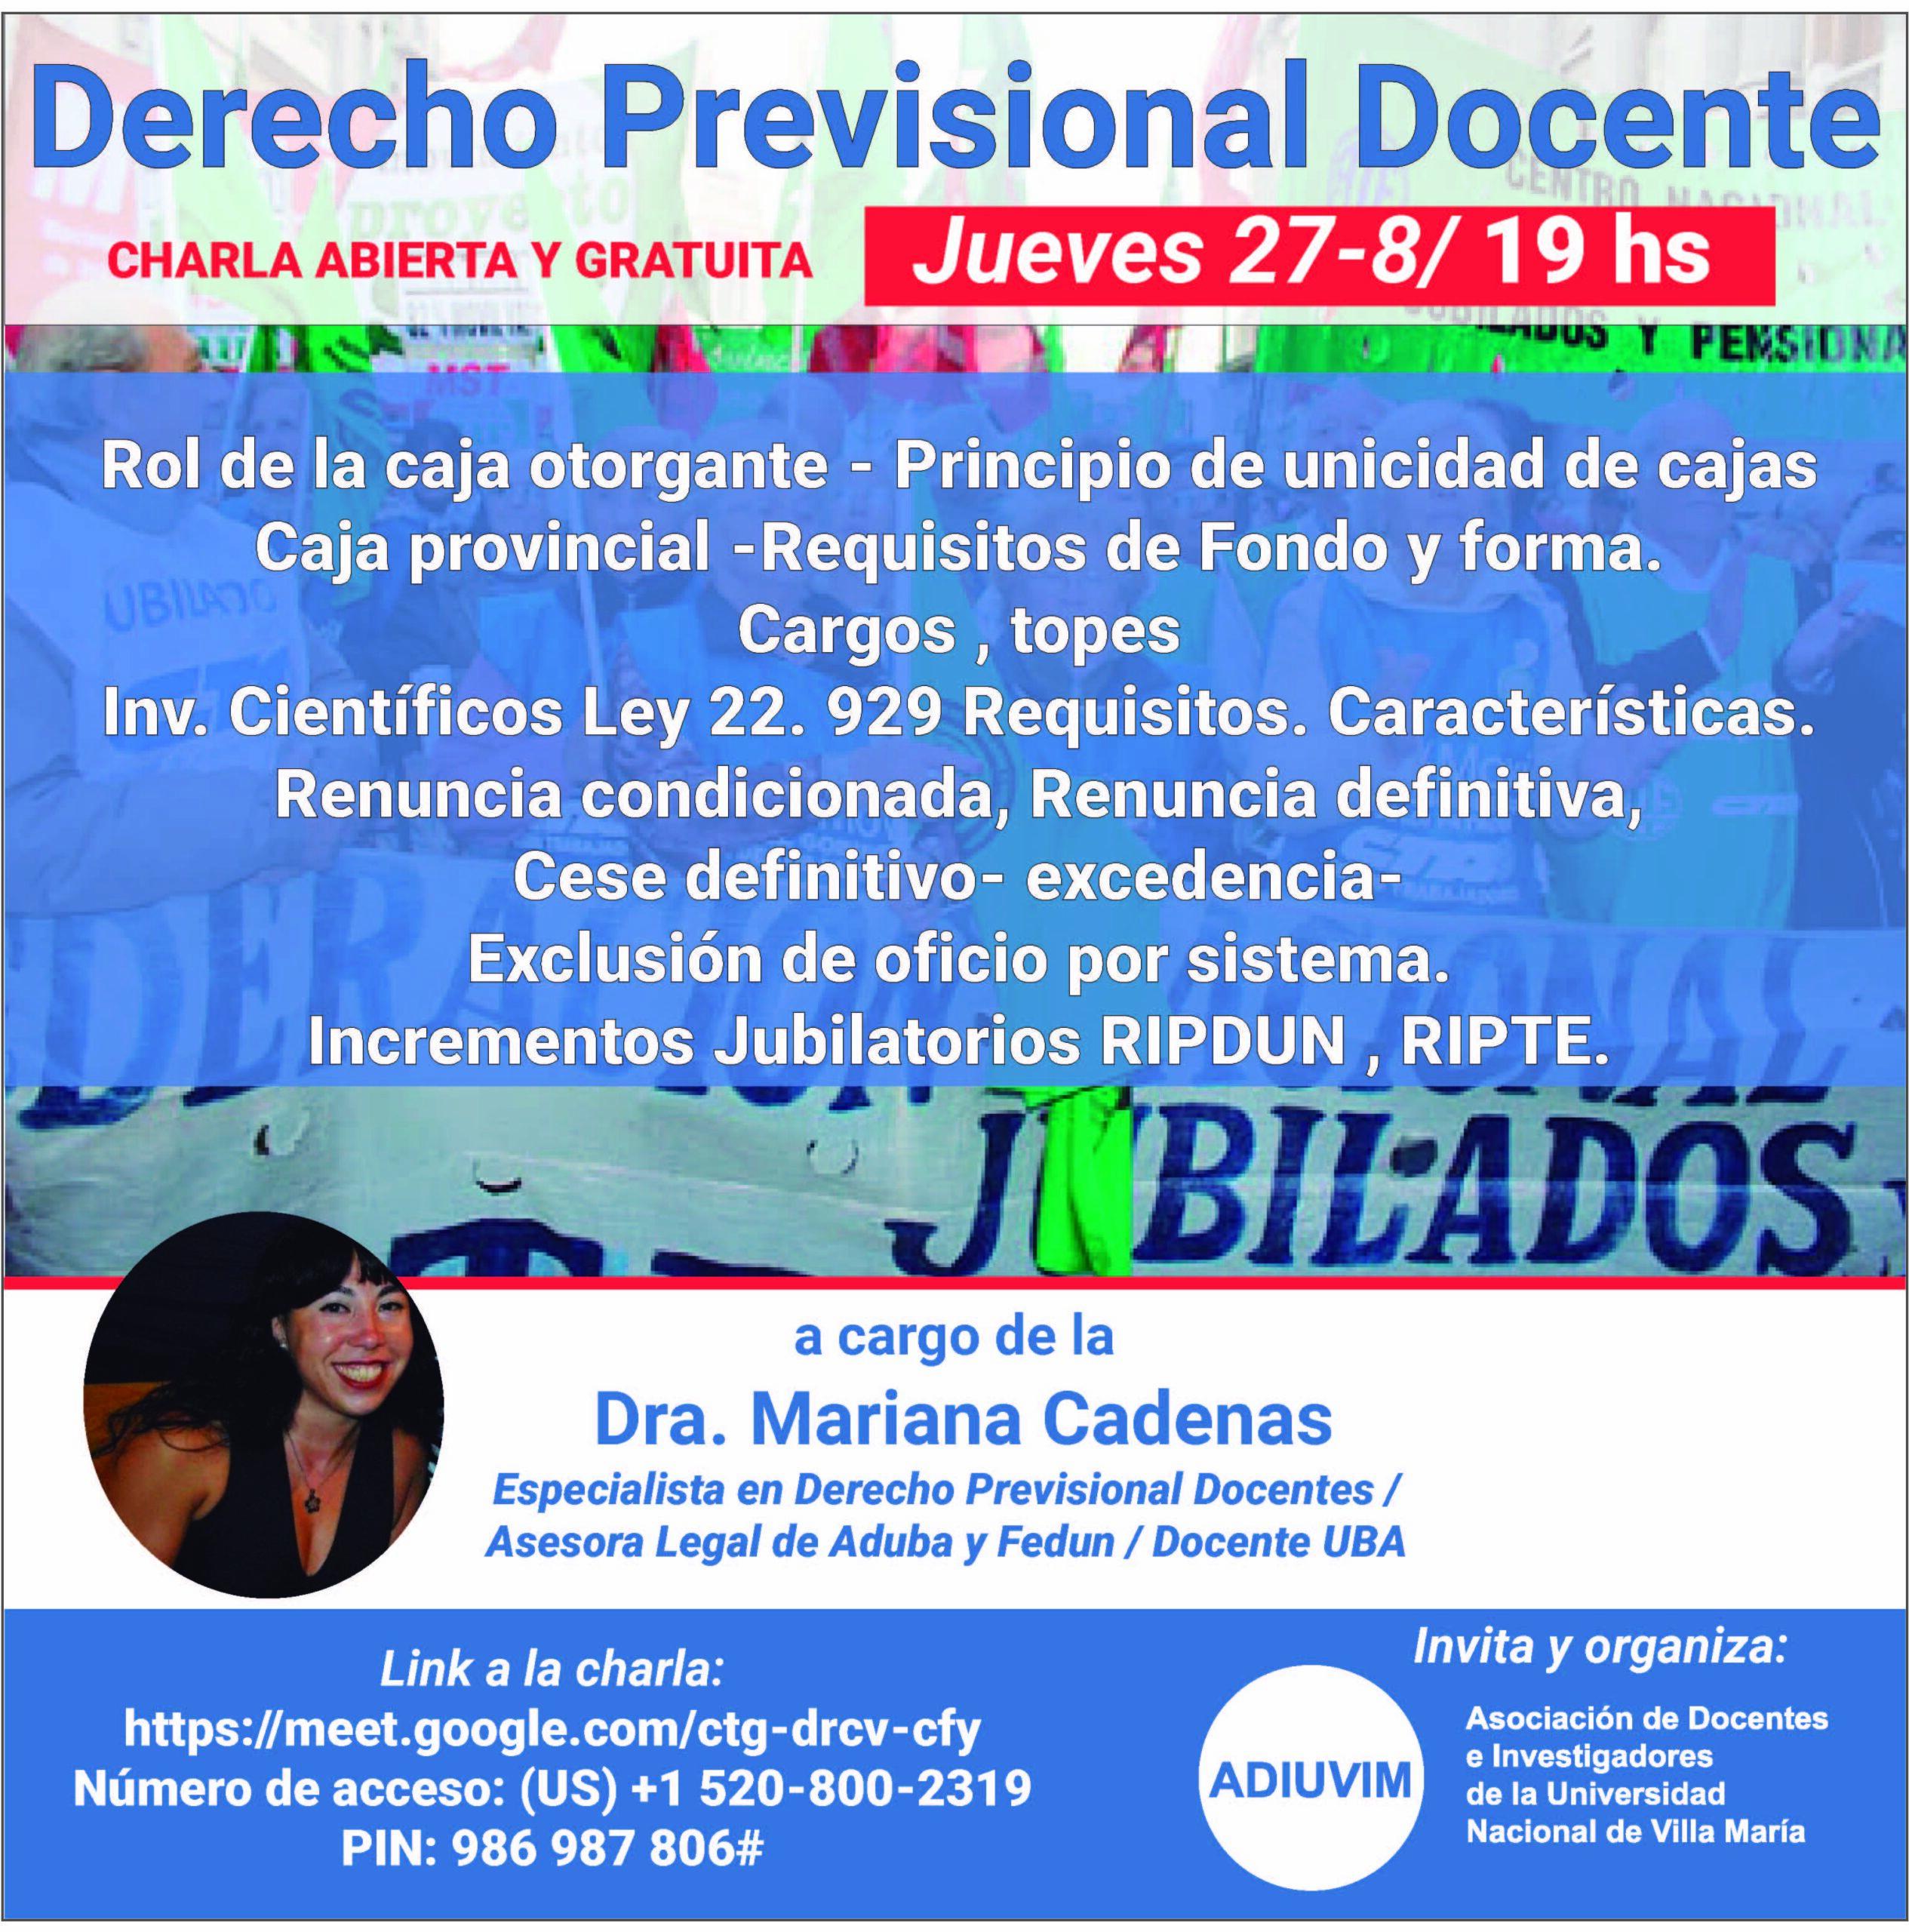 """Charla Abierta: """"Derecho Previsional Docente"""", a cargo de asesora de FEDUN Mariana Cárdenas"""